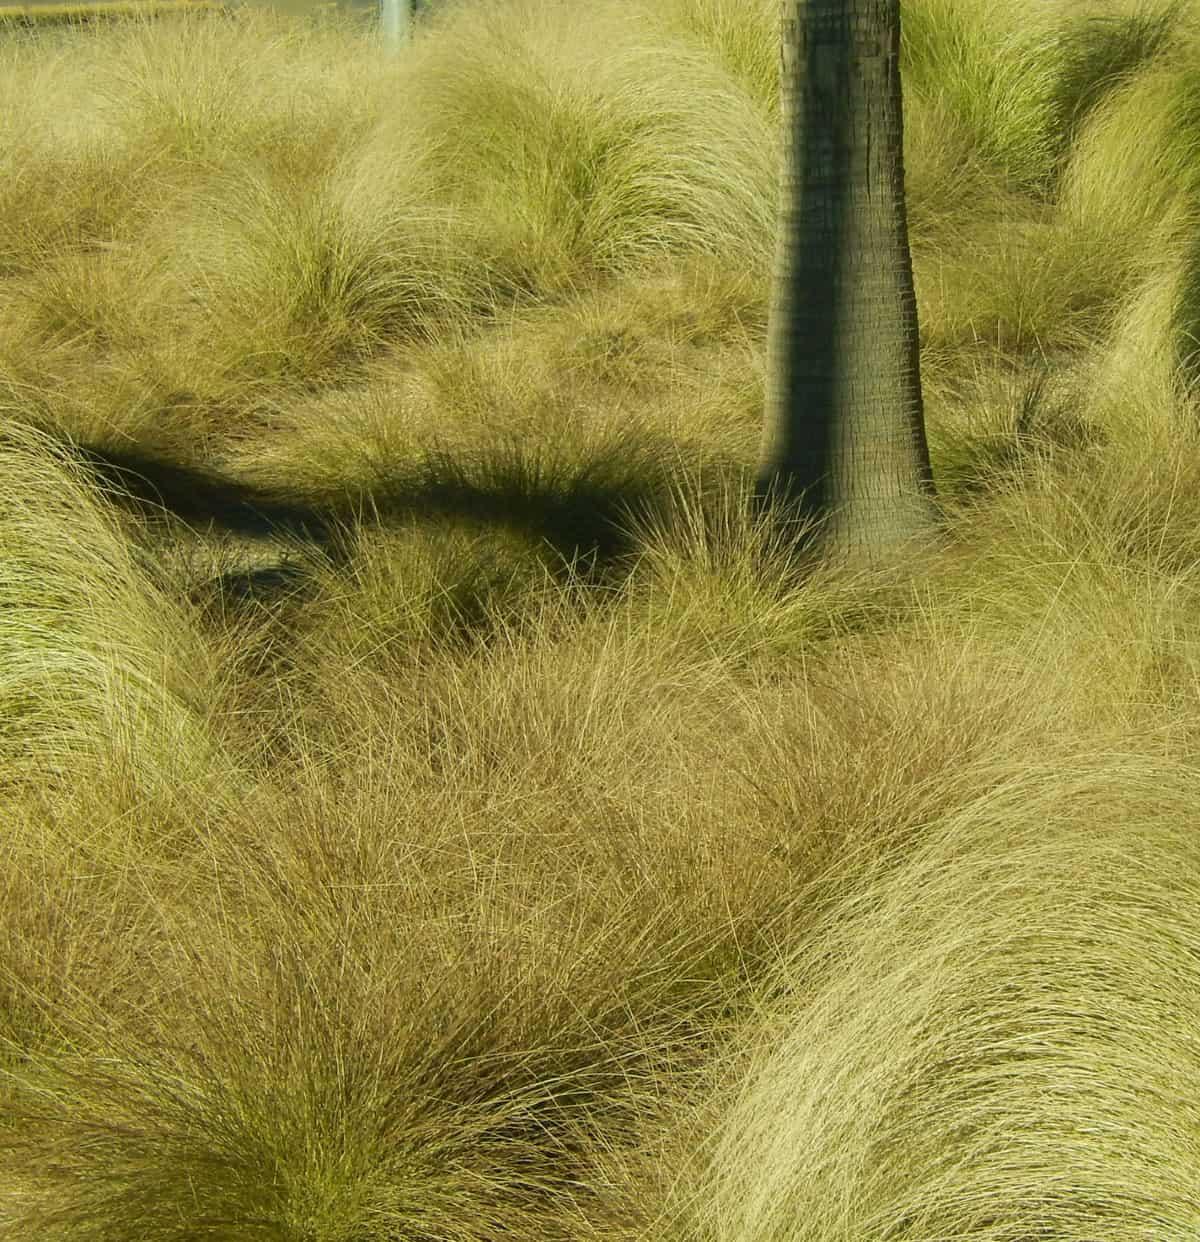 Blue oat grass grows in a fountain shape.